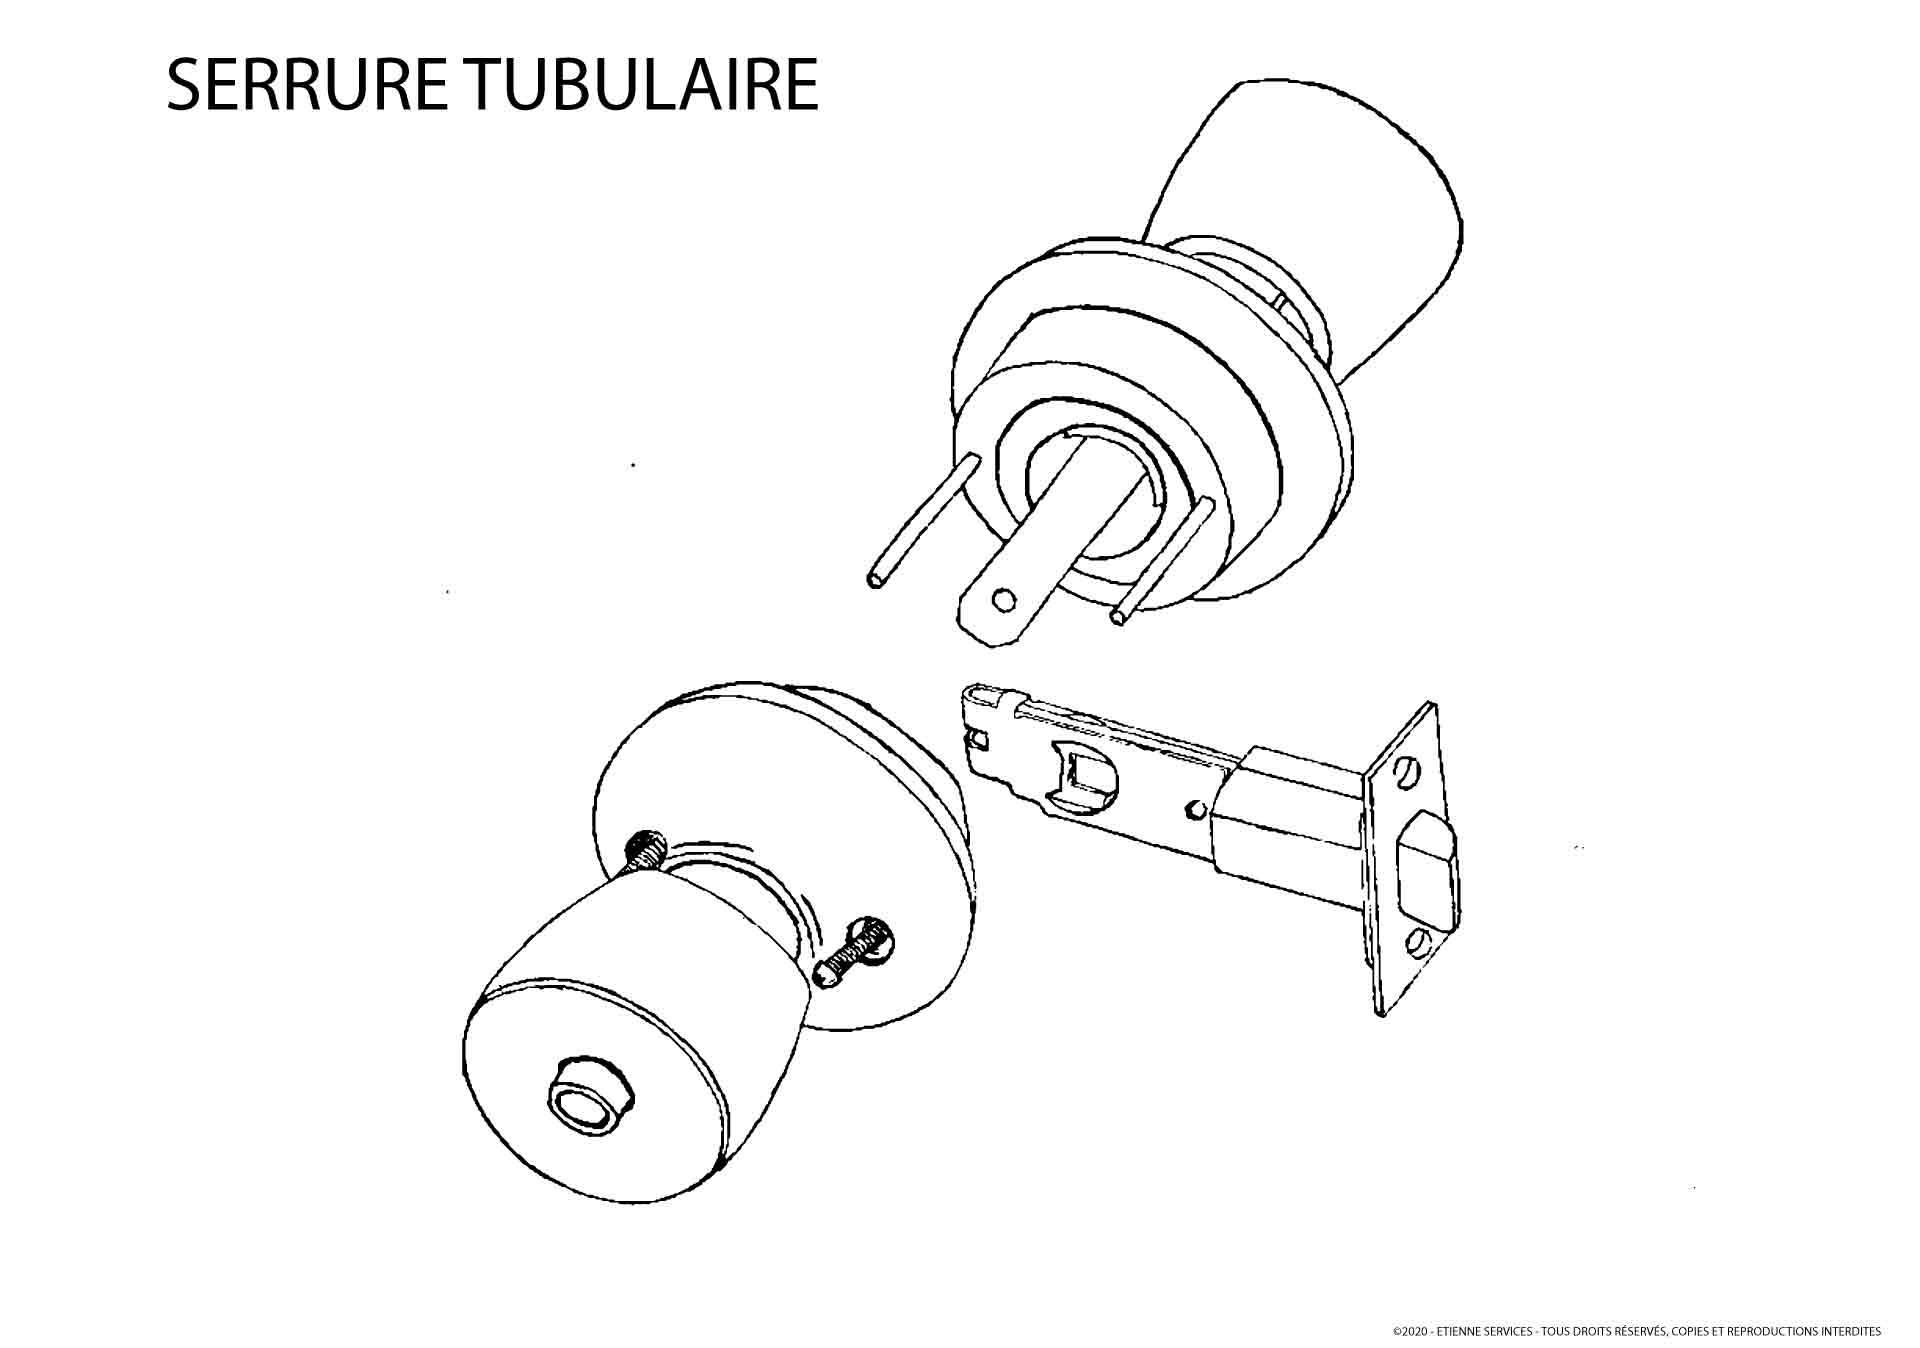 Serrure Tubulaire: Qu'est-ce que c'est ? Comment ça fonctionne ?